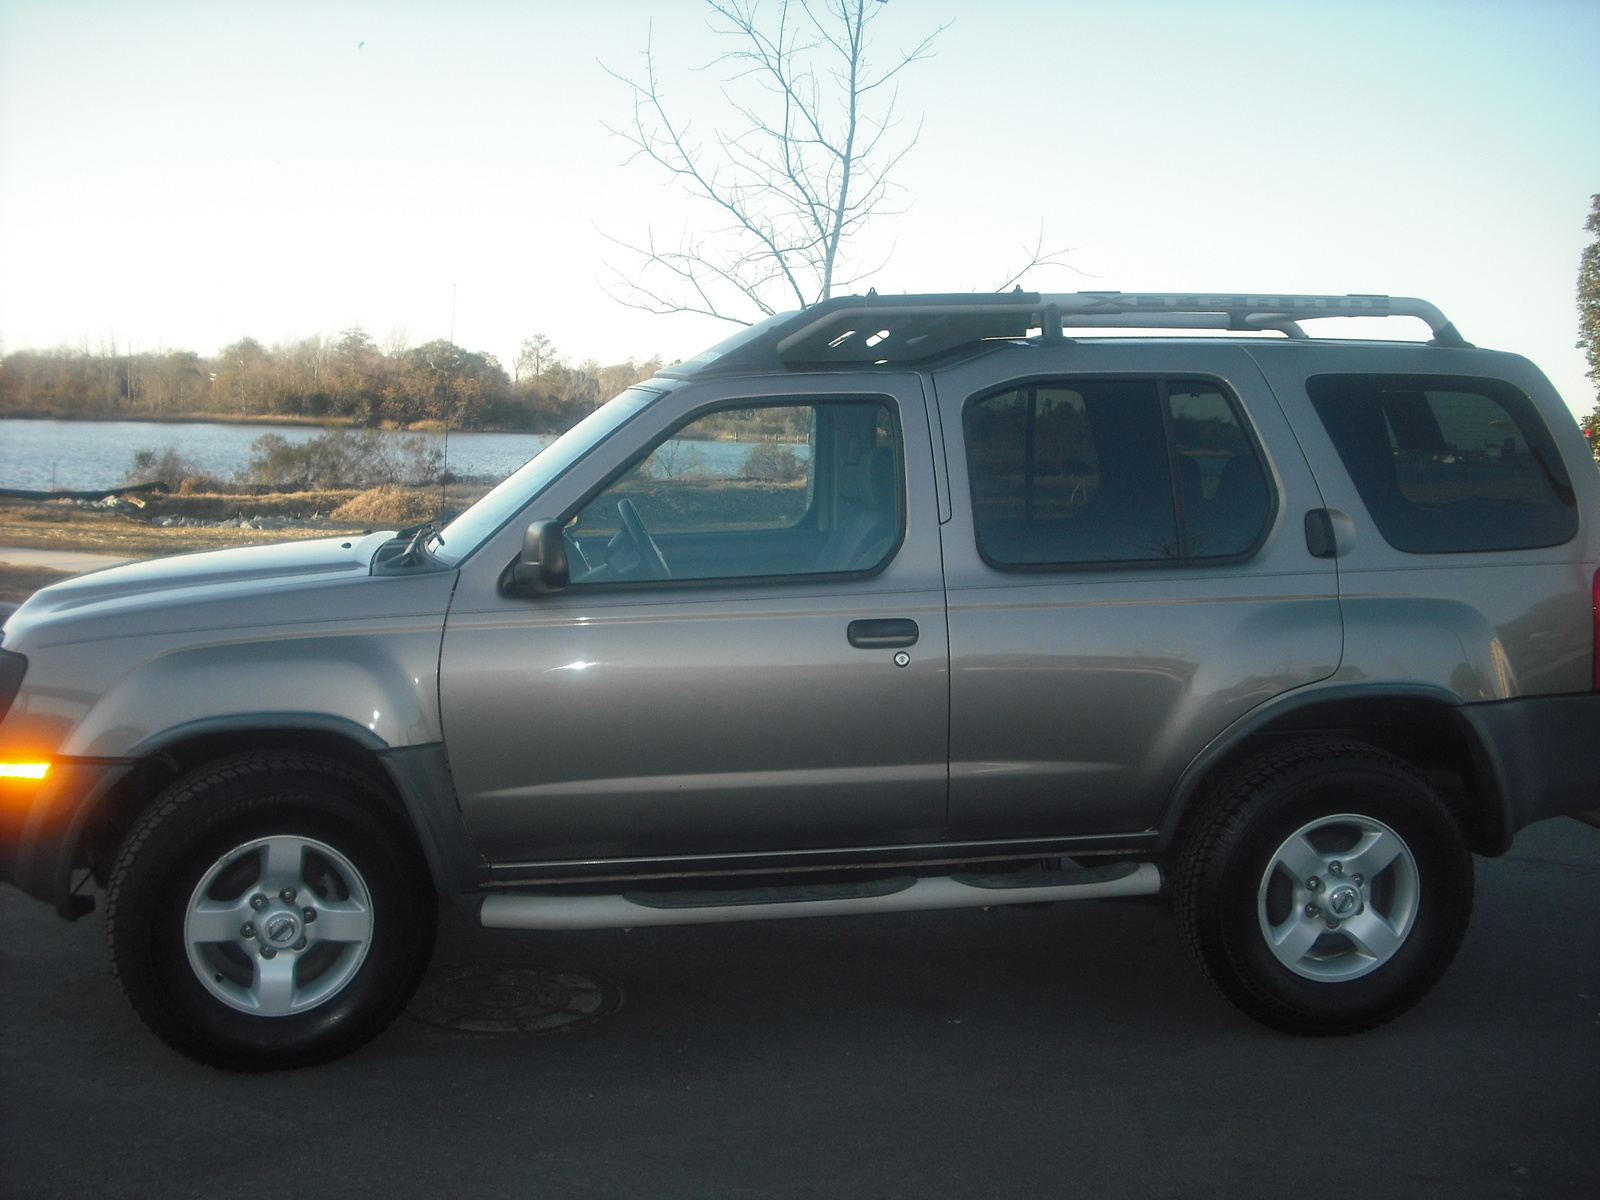 2004 Nissan Xterra - Pictures